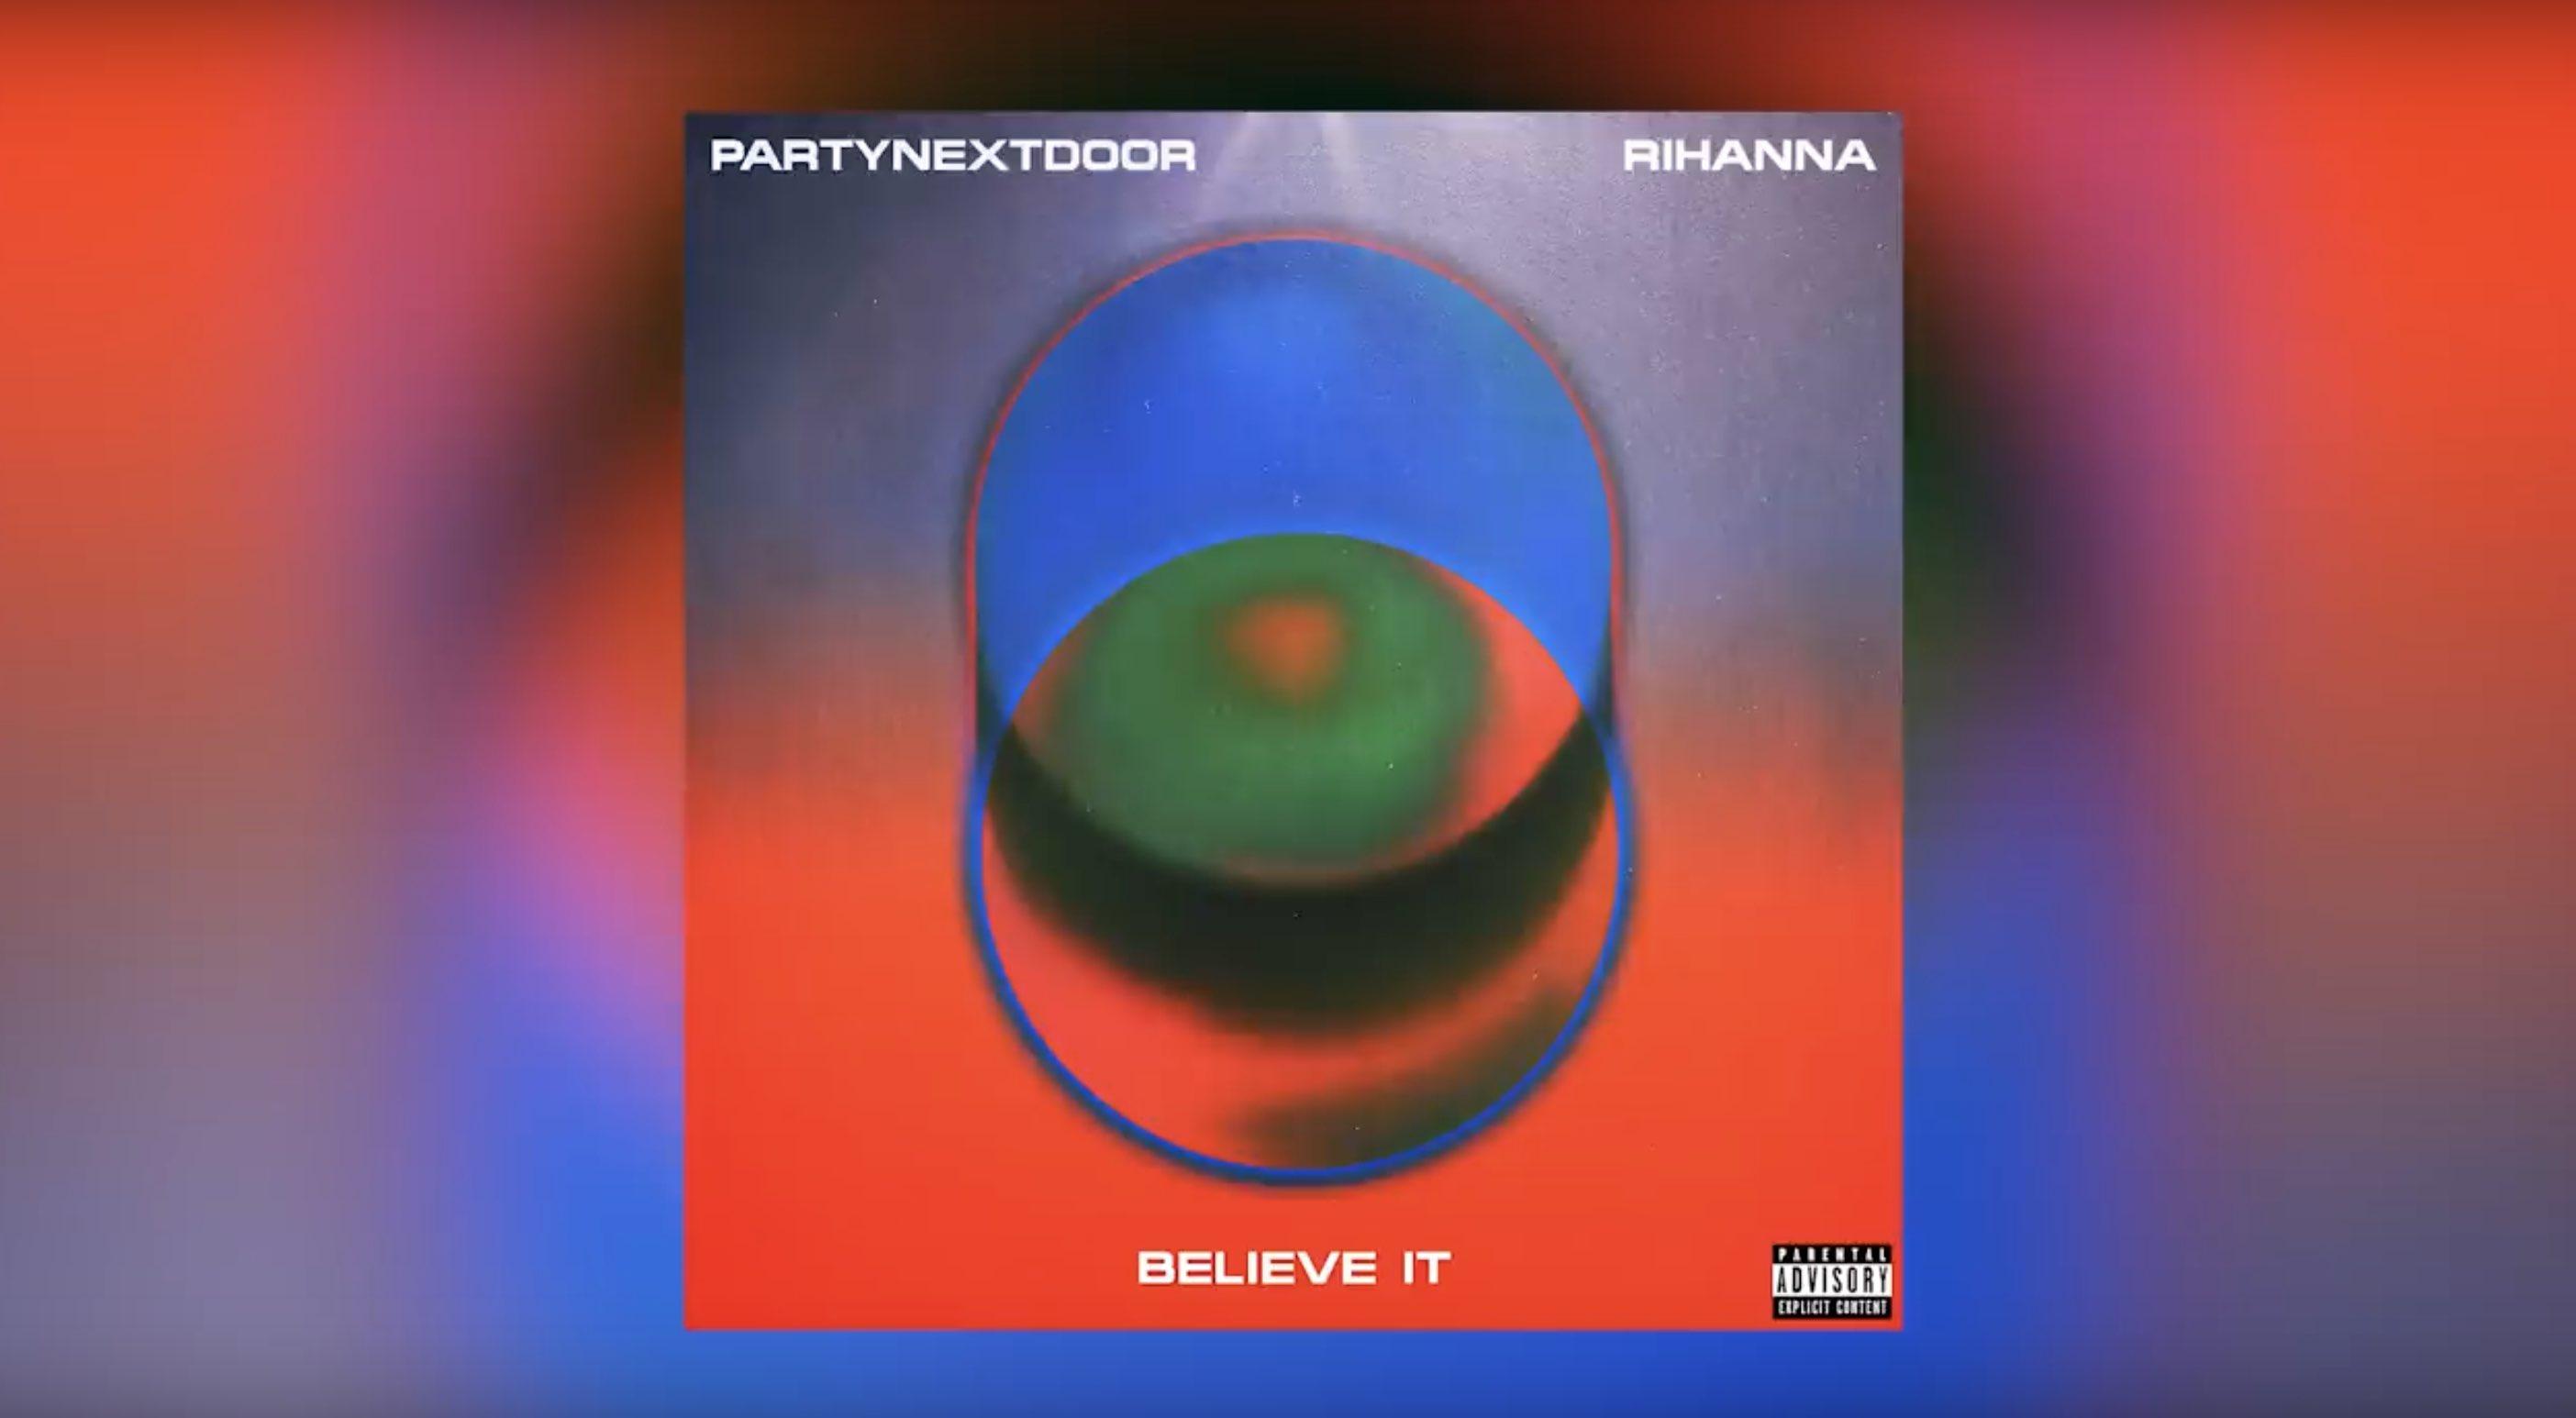 Rihanna - Partynextdoor - party mobile - believe it